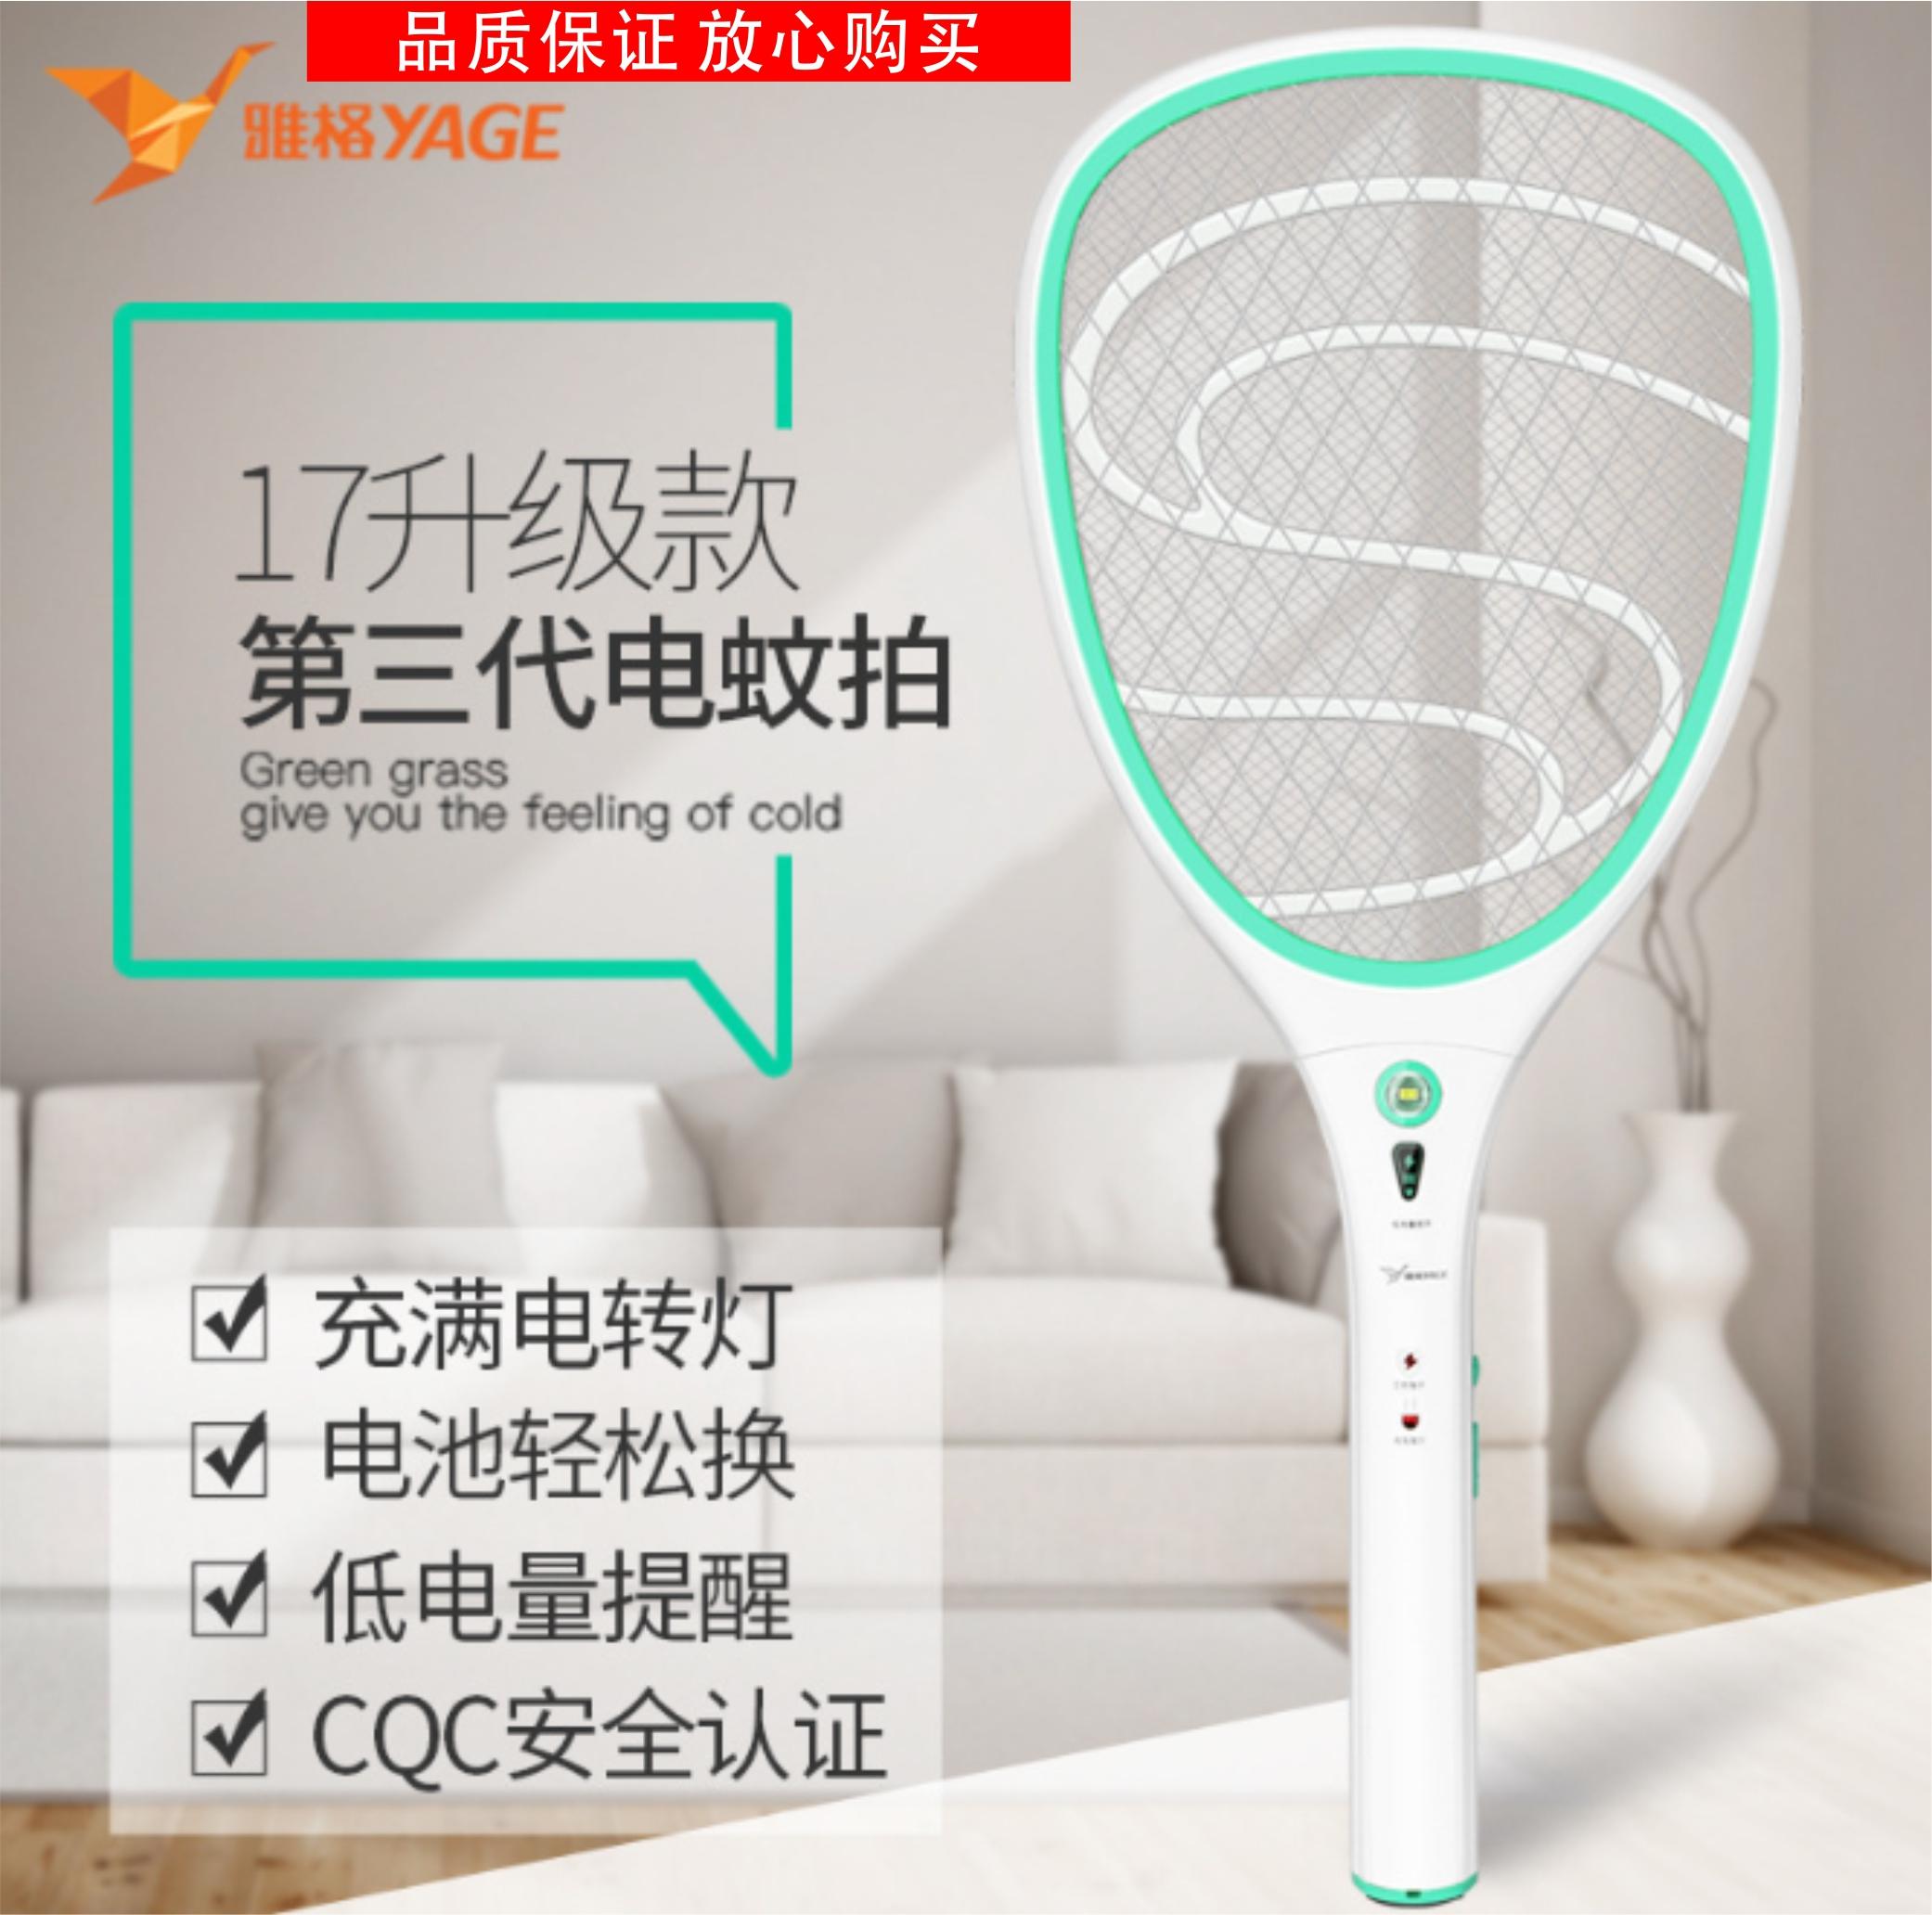 雅格YG-5638大网驱蚊电蚊拍YG-5637充电式le灯电灭蚊器蚊子苍蝇拍